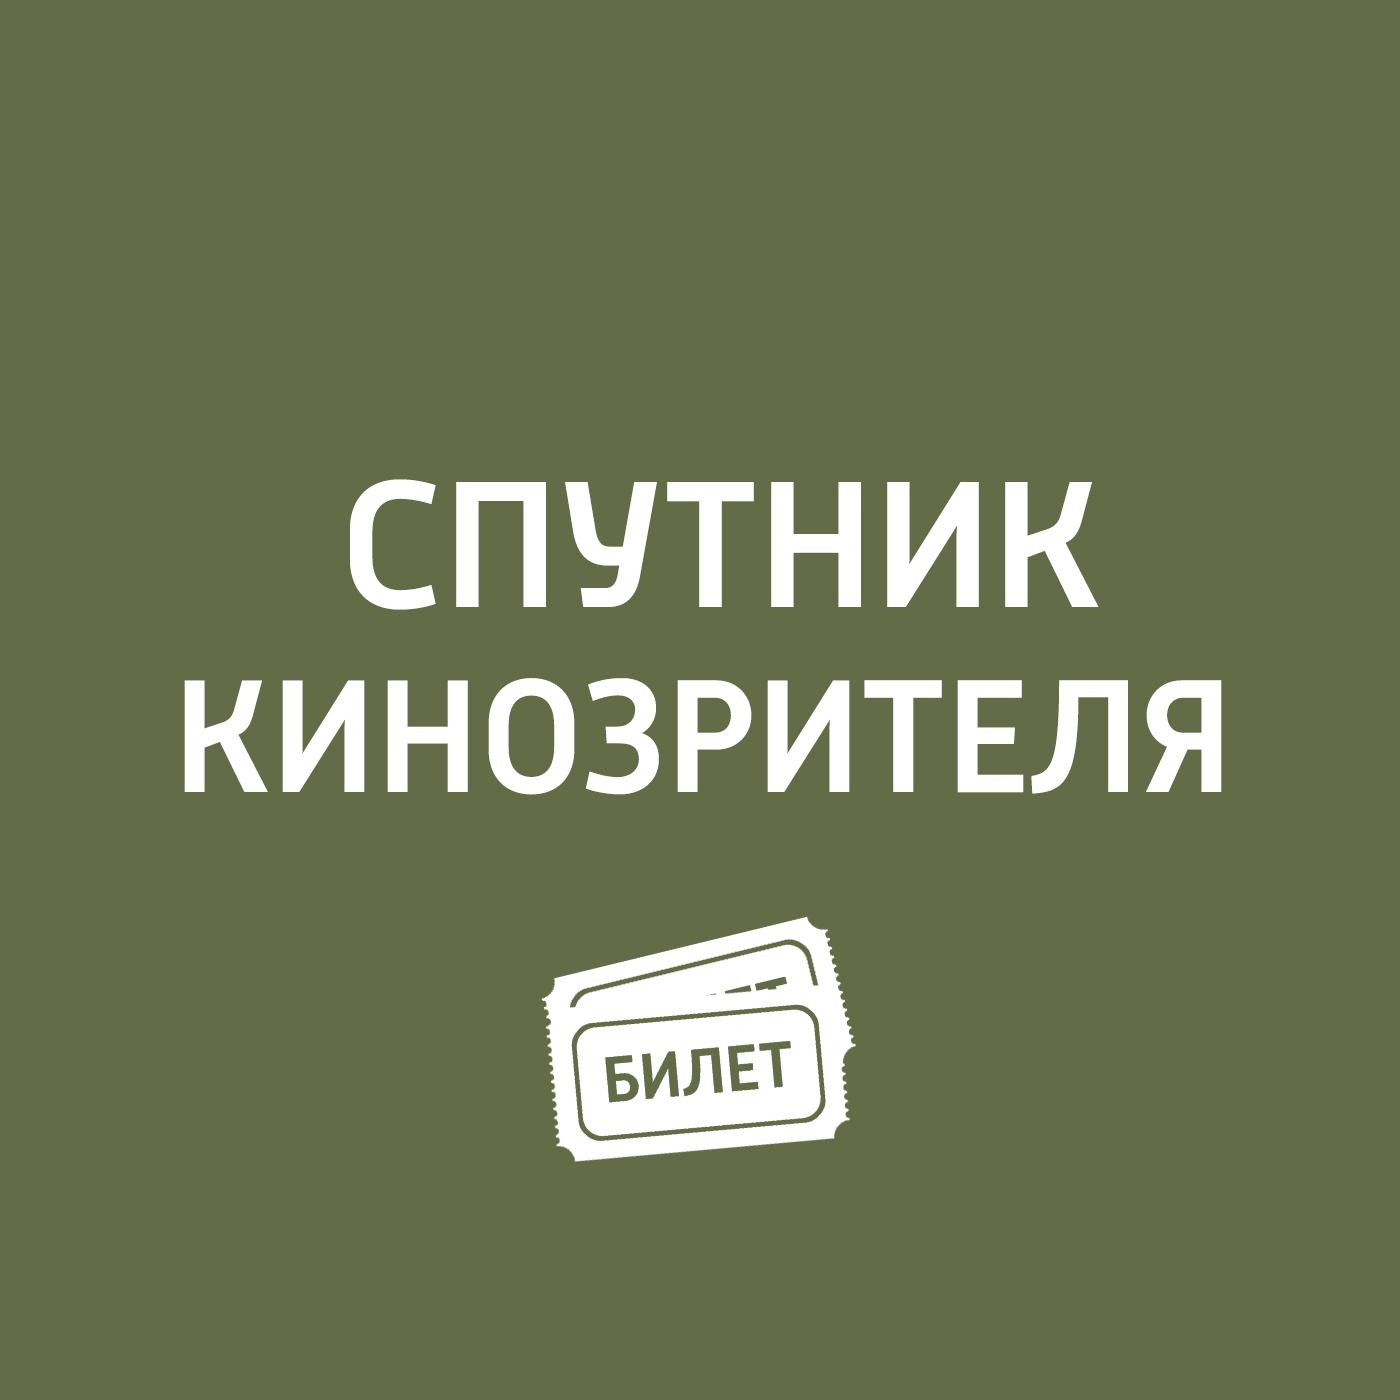 Антон Долин Премьеры. «Звонки», «Голос монстра», «Отпетые напарники